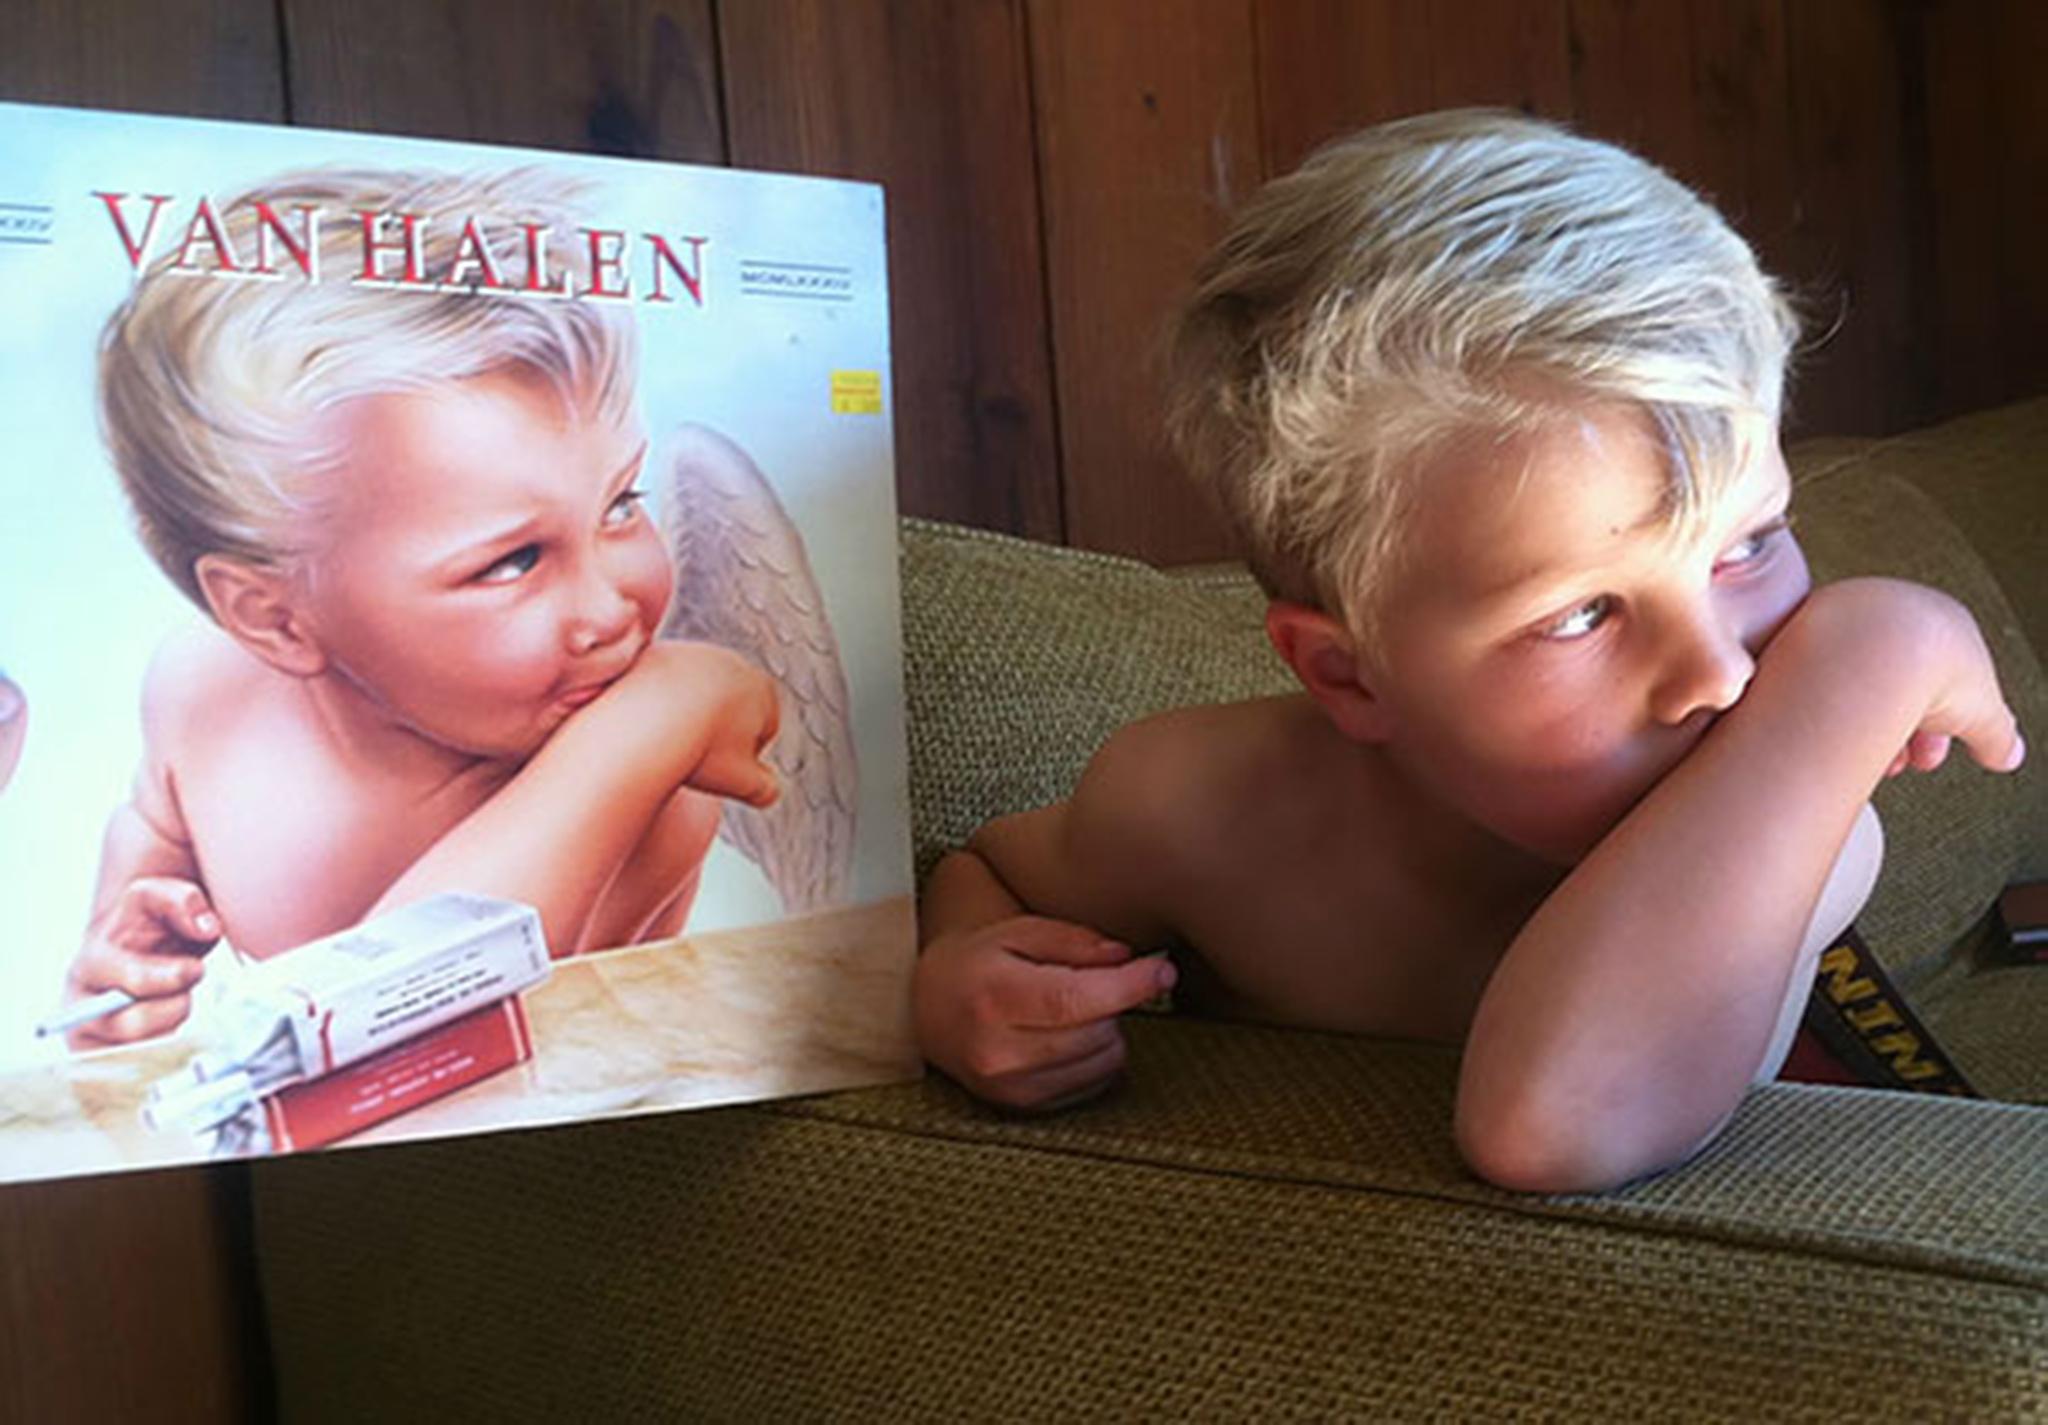 12 Van Halen Album And This Kid